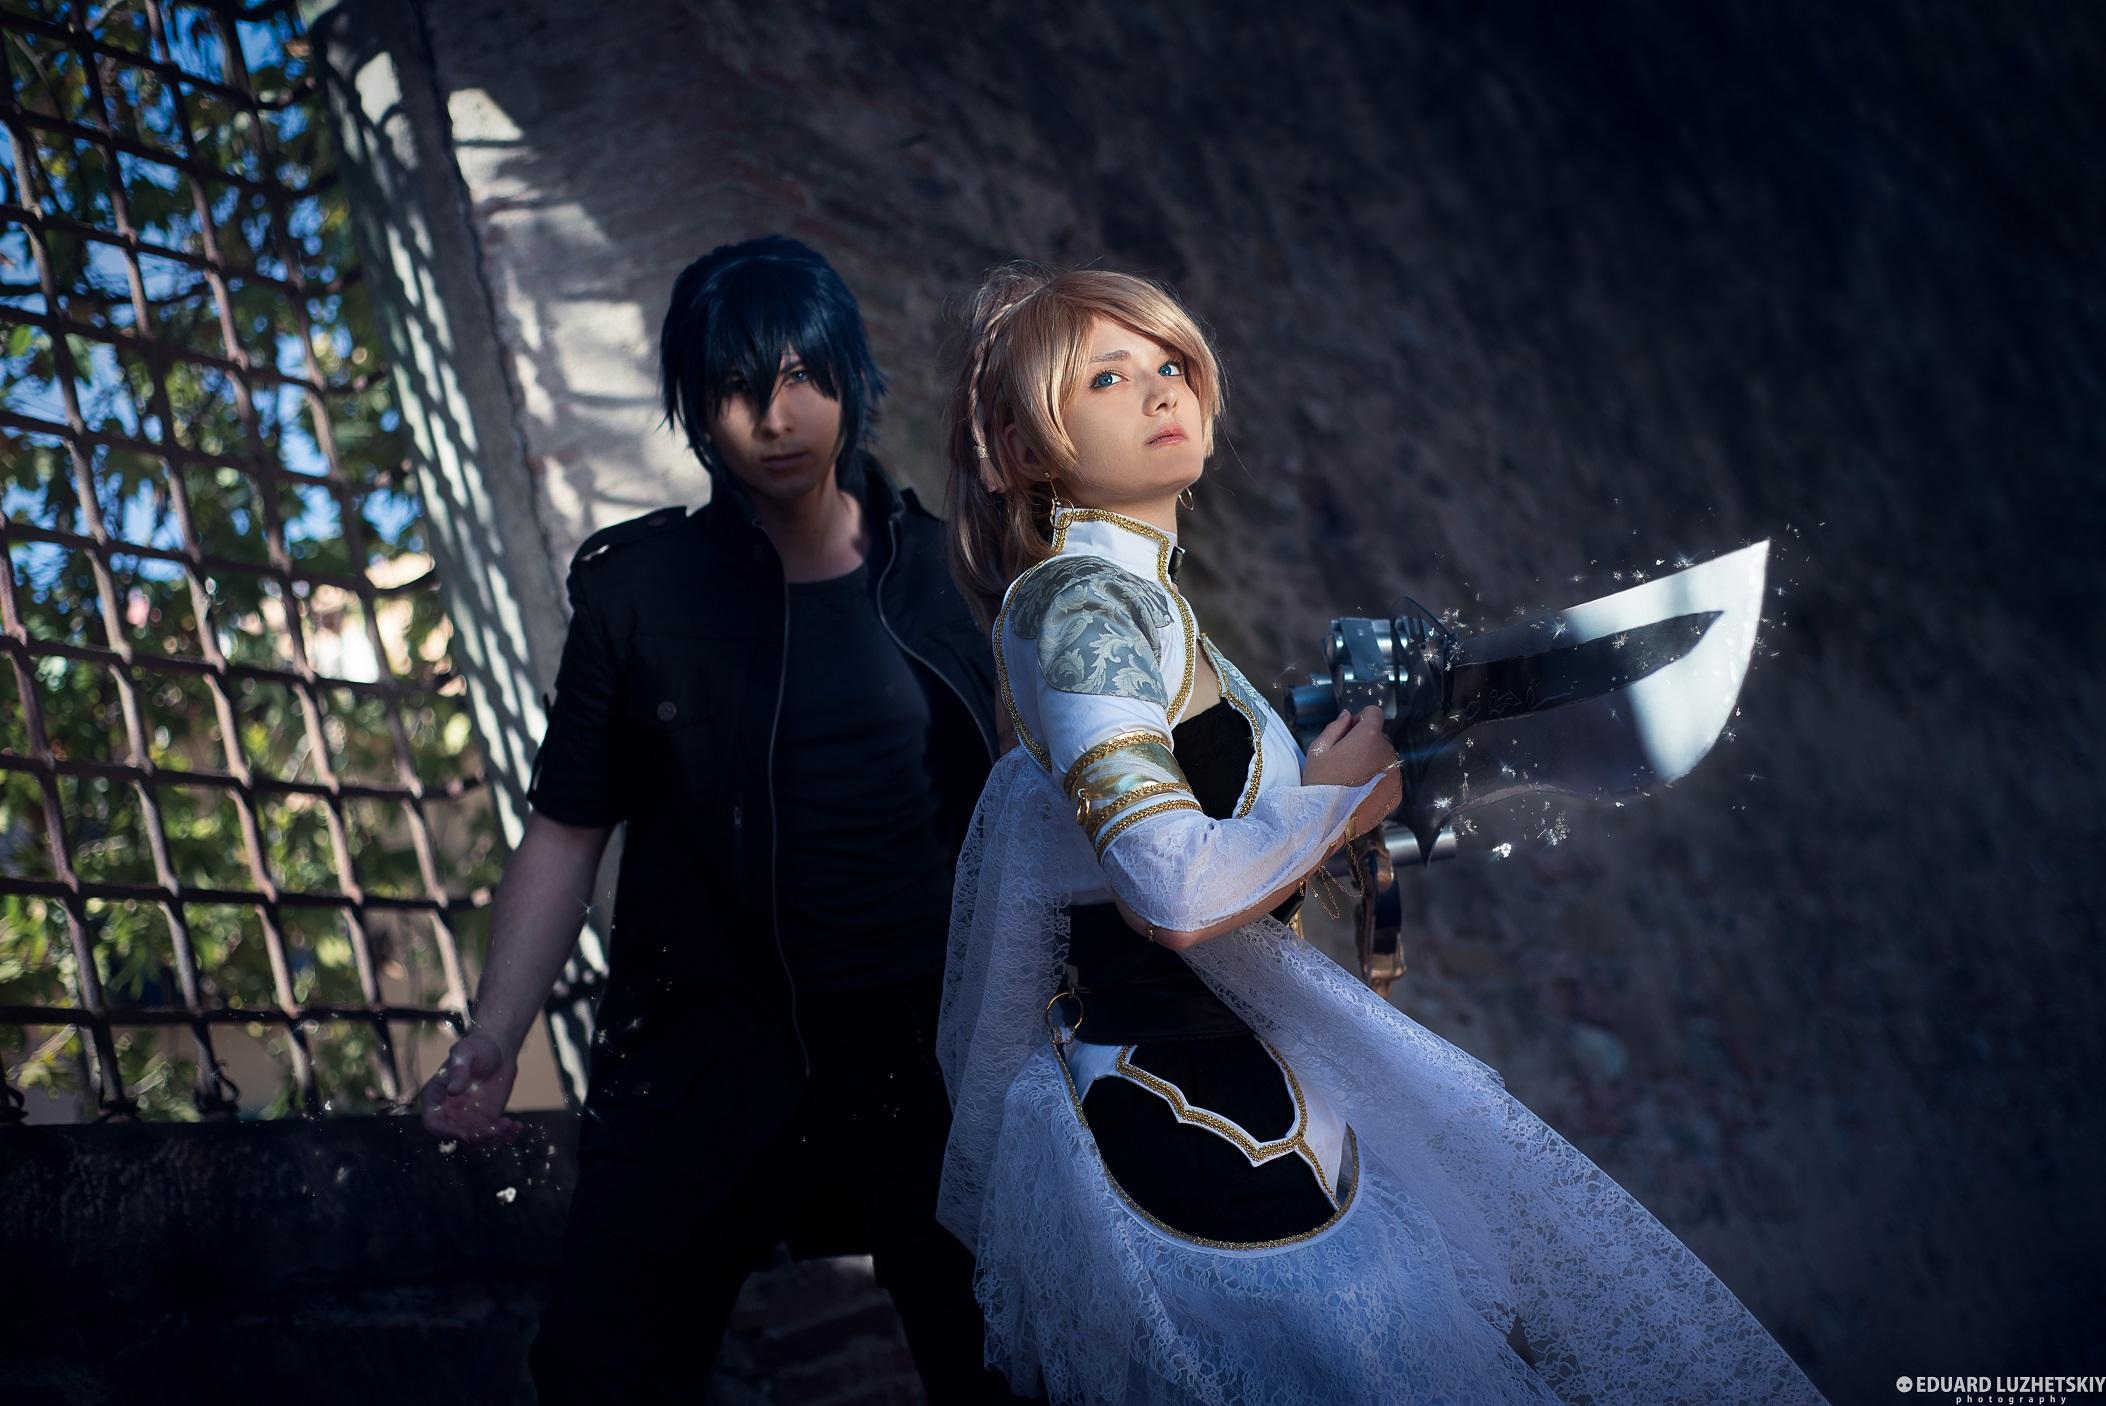 Final Fantasy Xv Noctis And Luna By Eduardluzhetskiy On Deviantart